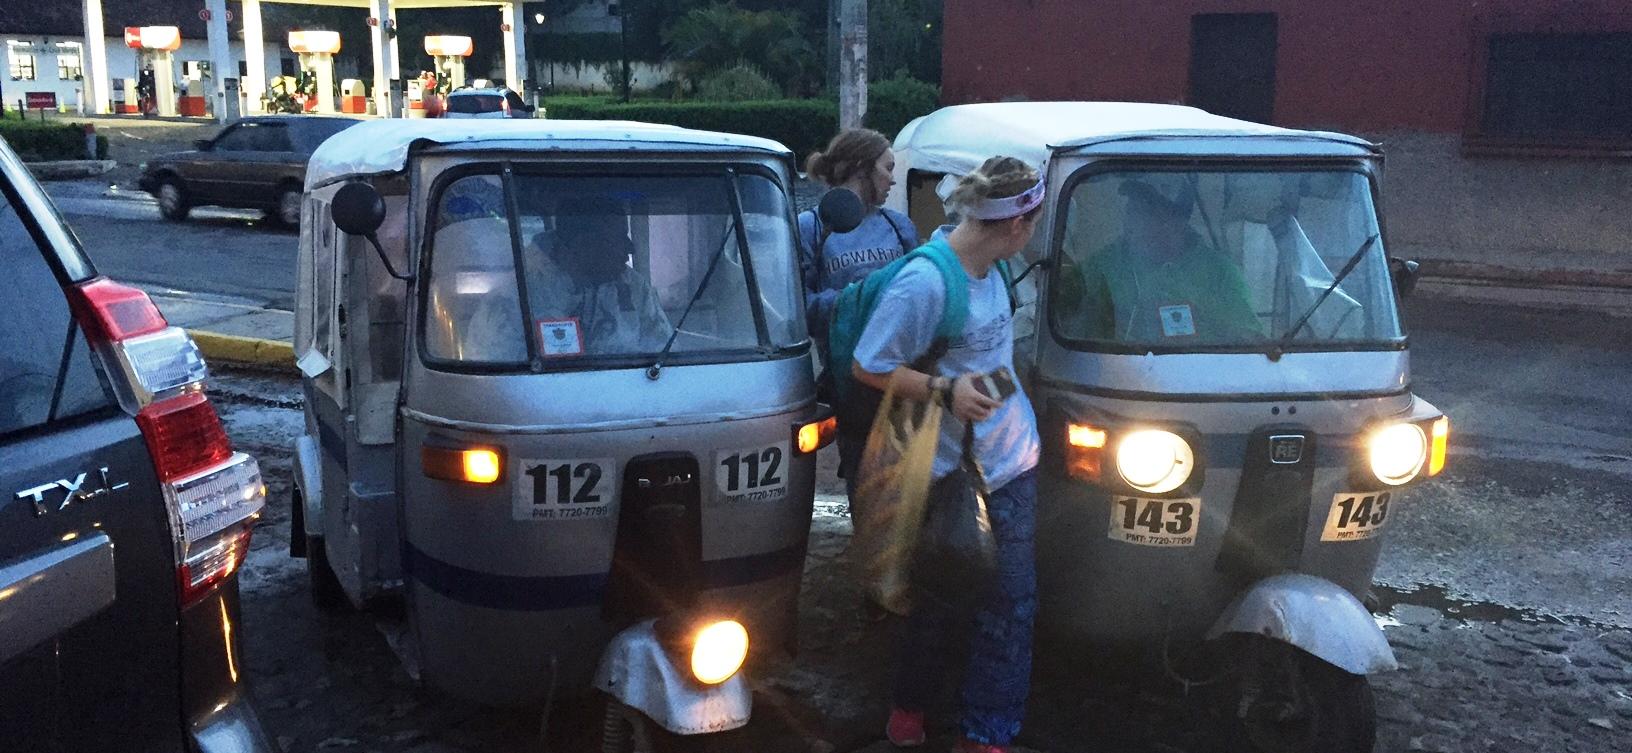 Guatemala, August 5th – 11th, 2017; Trip Update 3